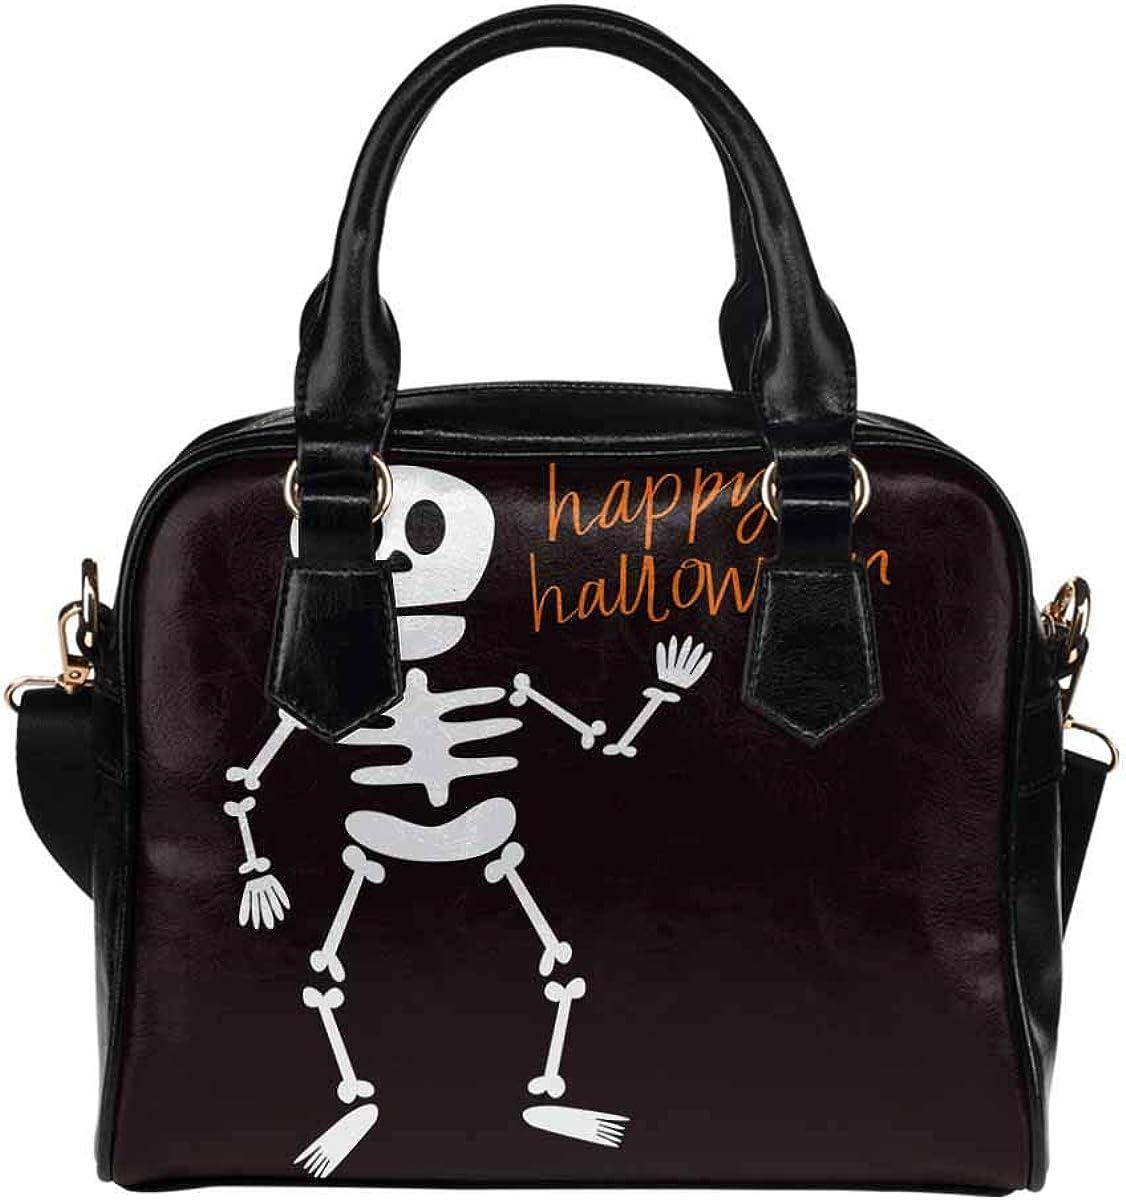 InterestPrint Funny Design Womens PU Leather Purse Handbag Shoulder Bag